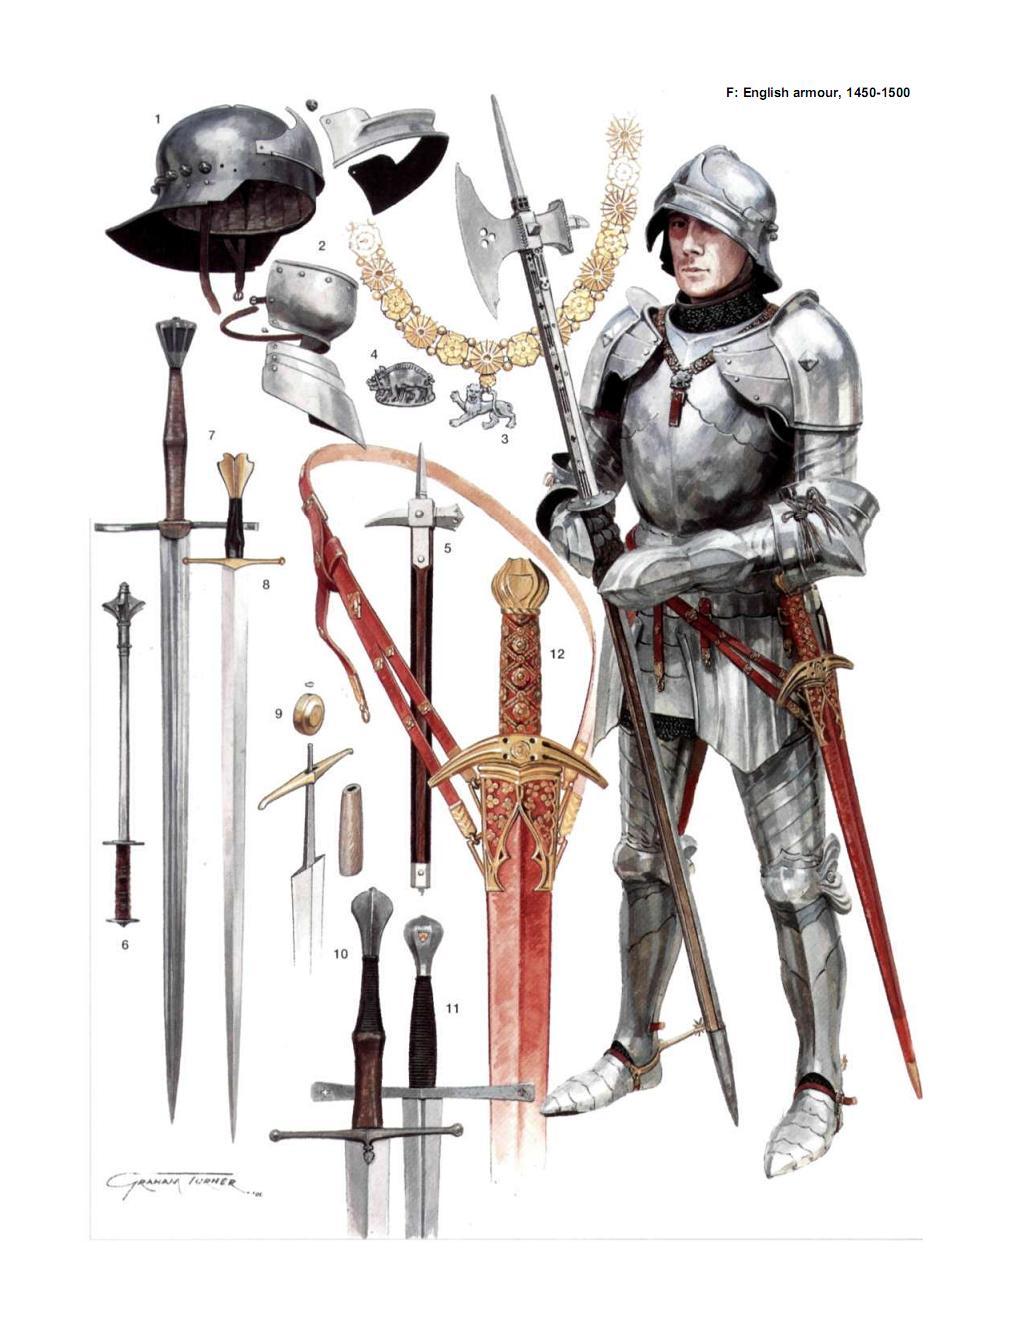 欧洲中世纪盔甲的彩图书籍,网上有很多它的图片但就是找不到原书,有图片